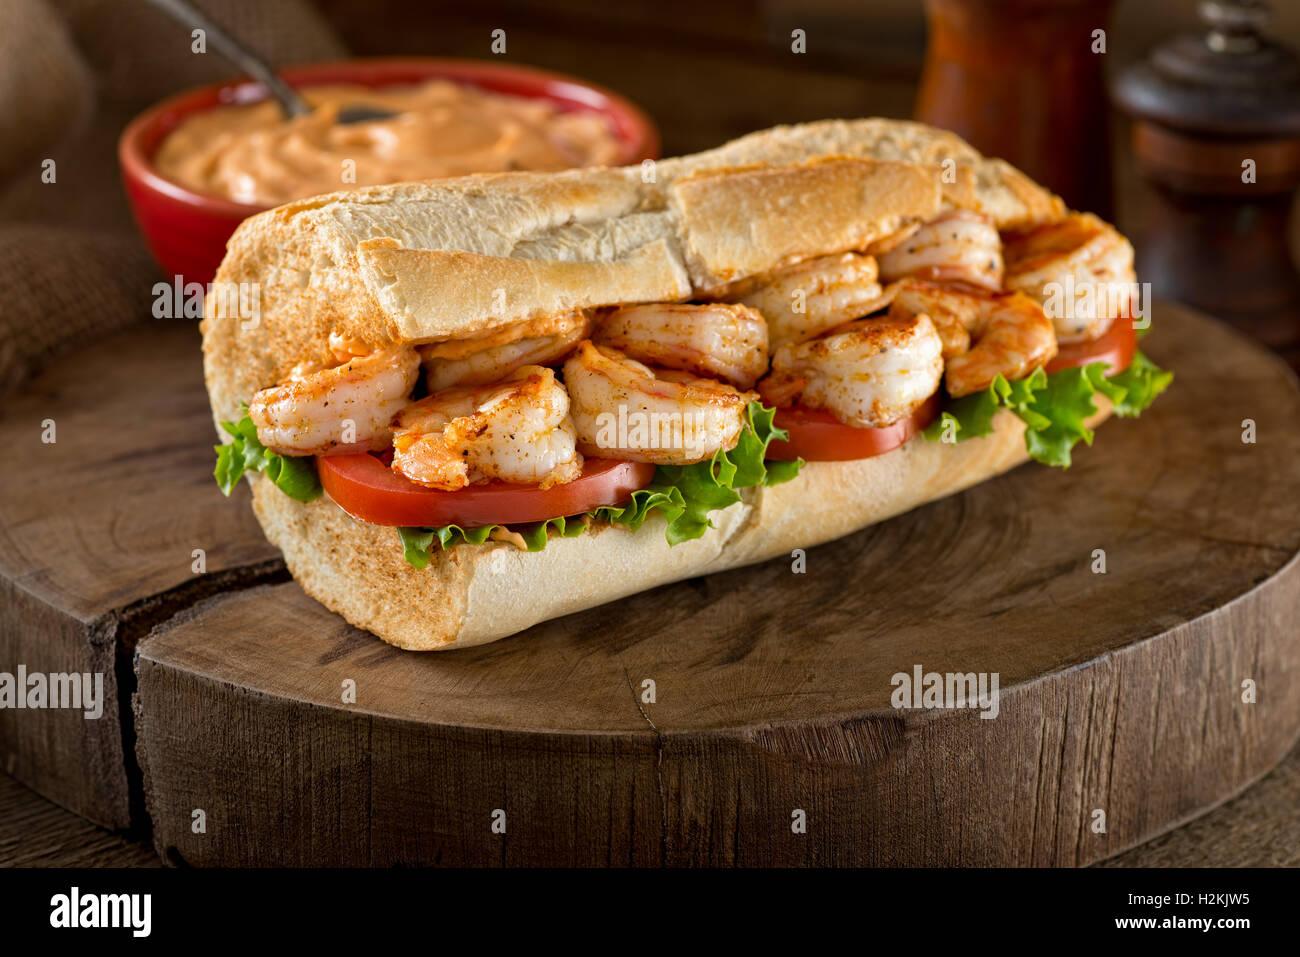 Ein lecker hausgemachten gegrillte Garnelen Po Boy Sandwich auf Baguette mit Salat, Tomate und Remoulade gekleidet. Stockbild